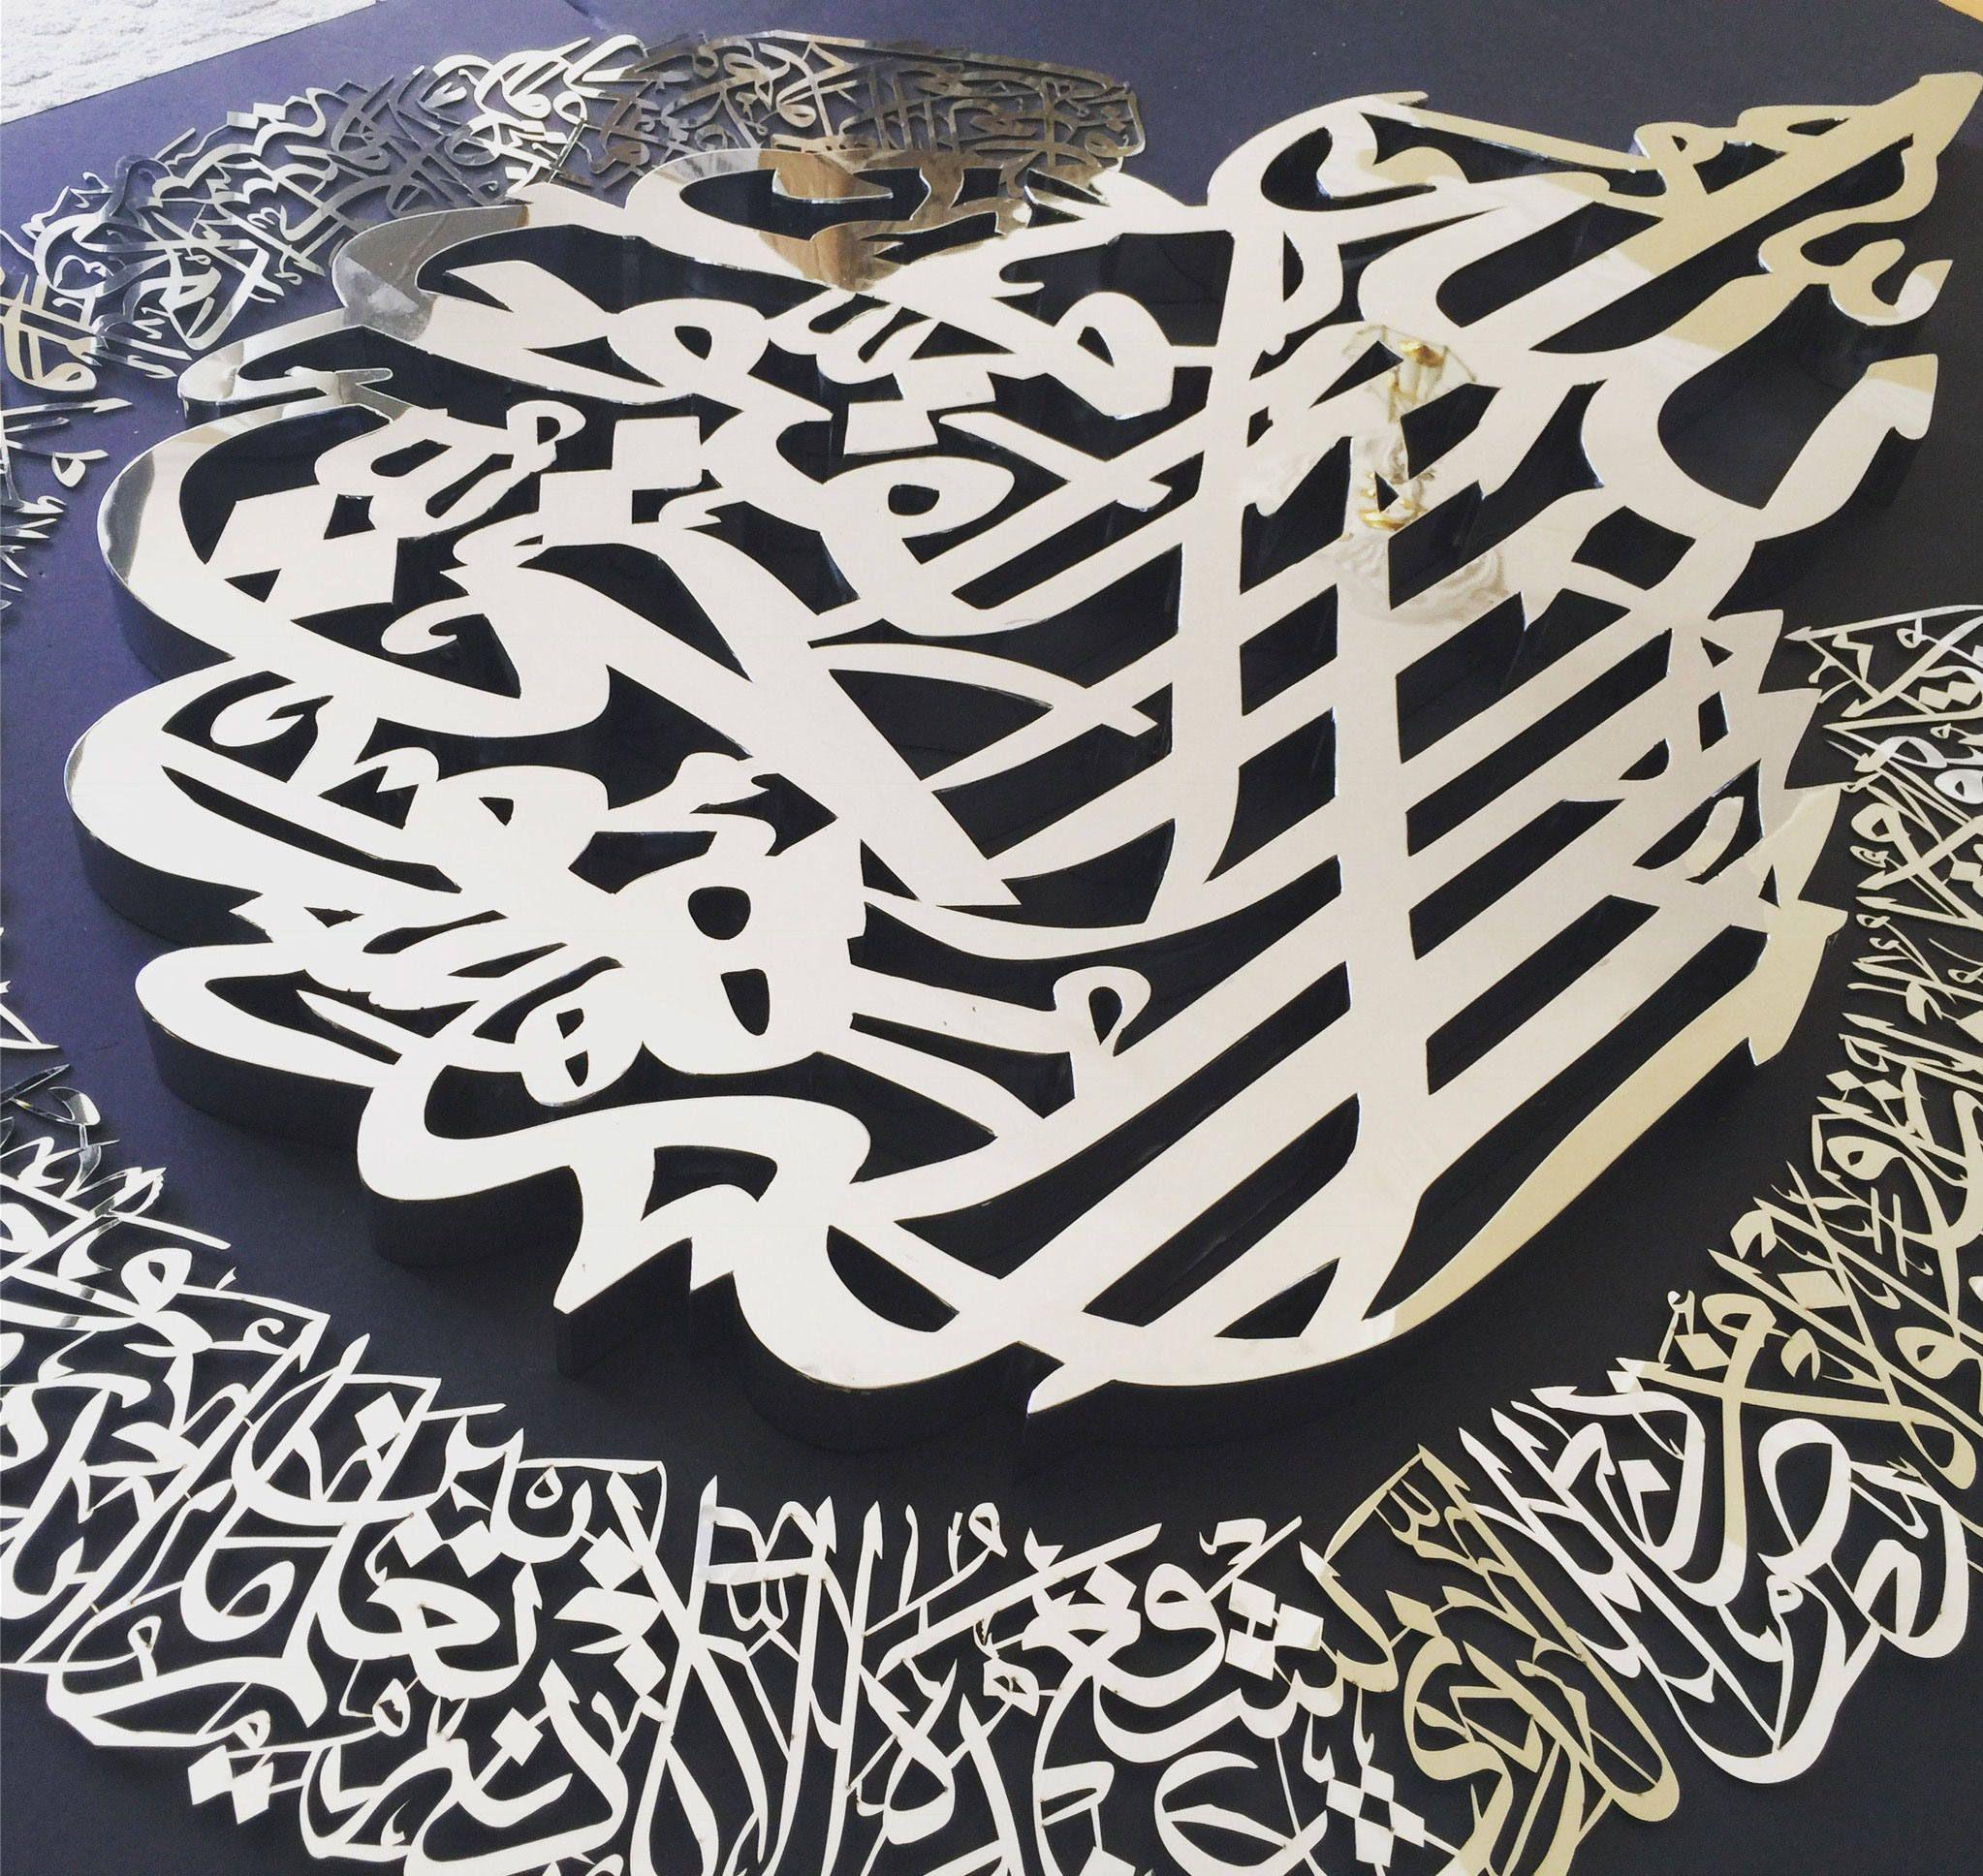 ayatul kursi stainless steel modern islamic wall art calligraphy ayatul kursi stainless steel modern islamic wall art calligraphy